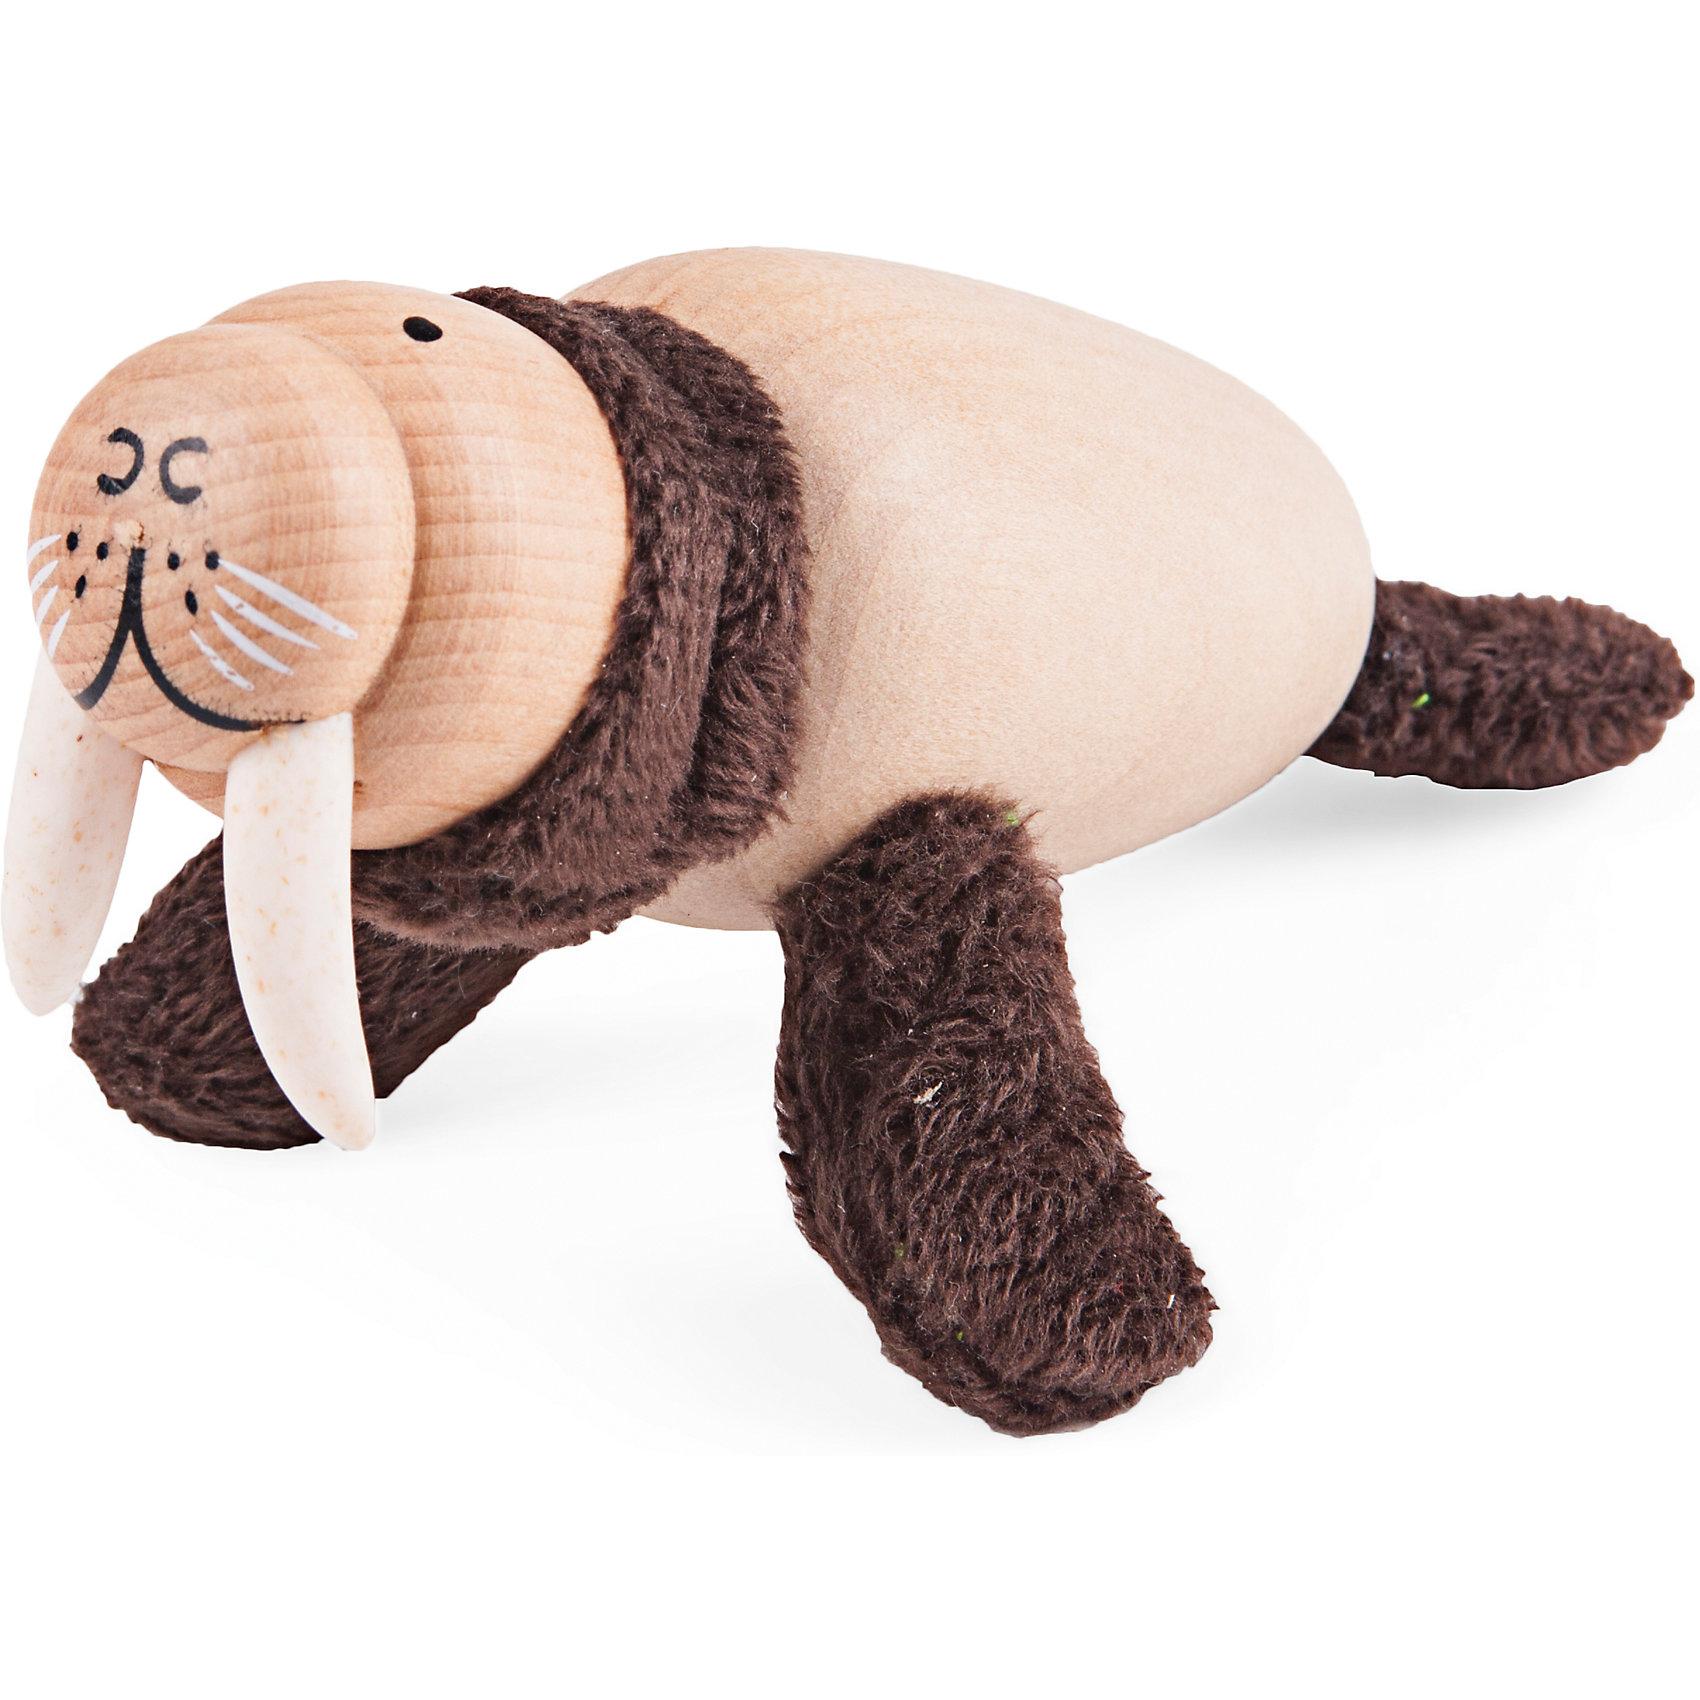 Морж, AnaMalzМилые деревянные зверюшки AnaMalz очаруют и детей и их родителей, а их трогательный внешний вид и оригинальный современный дизайн изменят Ваше привычное представление о деревянных игрушках. Придуманные австралийским дизайнером Луизой Косан-Скотт, деревянные фигурки покоряют своим уютом и пластичностью и уже завоевали множество наград, включая международную премию в области дизайна Standards Australia. Для изготовления игрушек используется быстрорастущее игольчатое дерево (schima superba), которое специально выращивают на плантациях. Отдельные детали зверюшек выполнены из натуральных тканей и термопластичной резины (TPR) - безопасного материала, который является экологичной альтернативой пластмассе. Все фигурки AnaMalz раскрашиваются вручную с использованием безопасной для детей краски.<br><br>У очаровательного деревянного моржа AnaMalz забавная мордочка с большими белыми клыками. Туловище и голова выполнены из дерева и имеют гладкую, приятную на ощупь поверхность, гибкие шея и ласты из мягкой натуральной ткани. Игрушка способствует развитию у ребенка тактильного восприятия и мелкой моторики.<br><br>Дополнительная информация:<br><br>- Материал: дерево, ткань.<br>- Размер: 6 х 3,5 х 12 см.<br>- Вес: 54 гр.<br><br>Моржа, AnaMalz, можно купить в нашем интернет-магазине.<br><br>Ширина мм: 12<br>Глубина мм: 3<br>Высота мм: 6<br>Вес г: 54<br>Возраст от месяцев: 36<br>Возраст до месяцев: 168<br>Пол: Унисекс<br>Возраст: Детский<br>SKU: 4358636